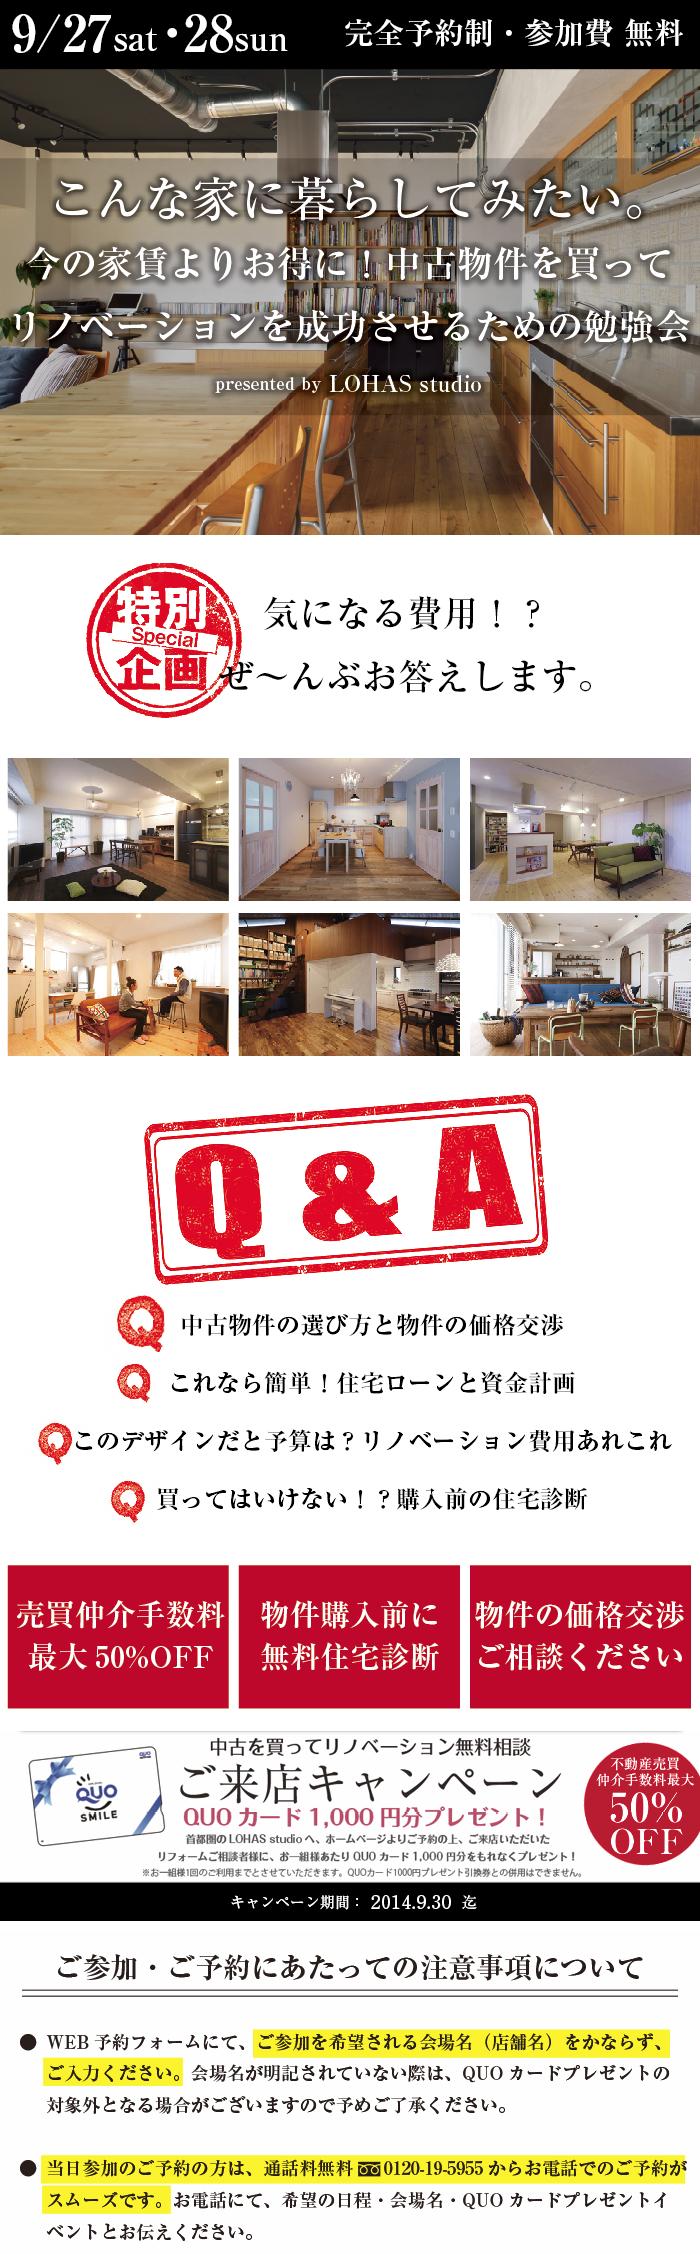 201409yoyaku_event27-28.png